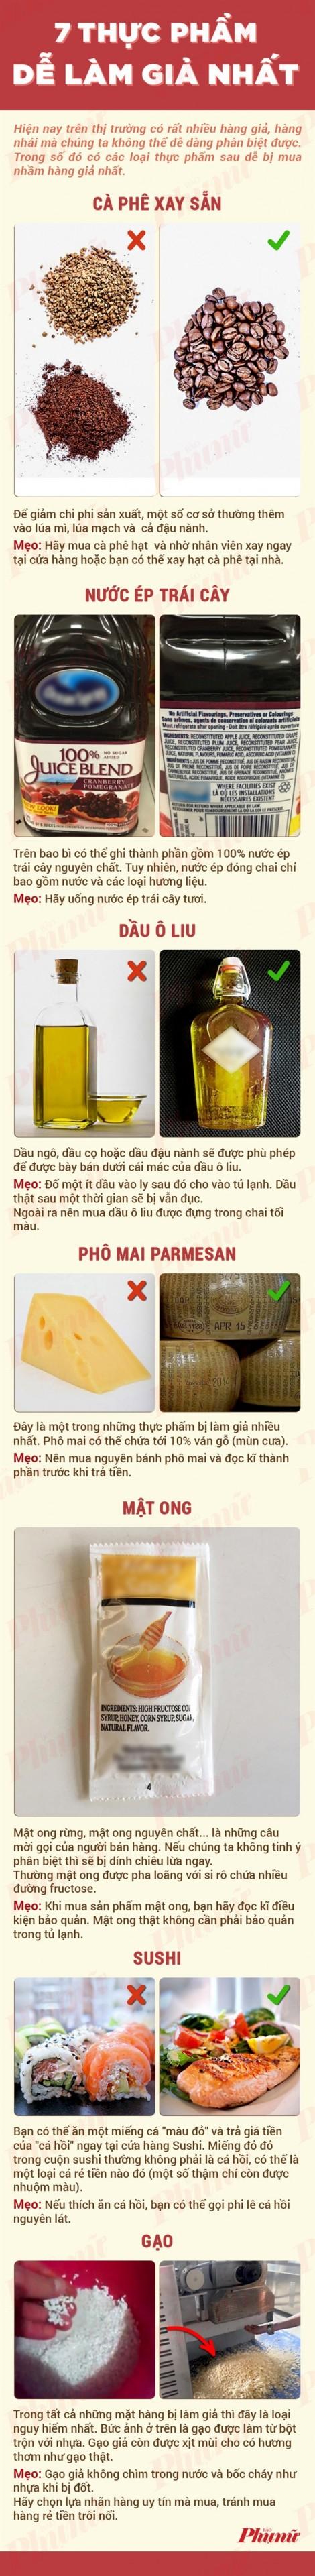 7 thực phẩm thường xuyên bị làm giả